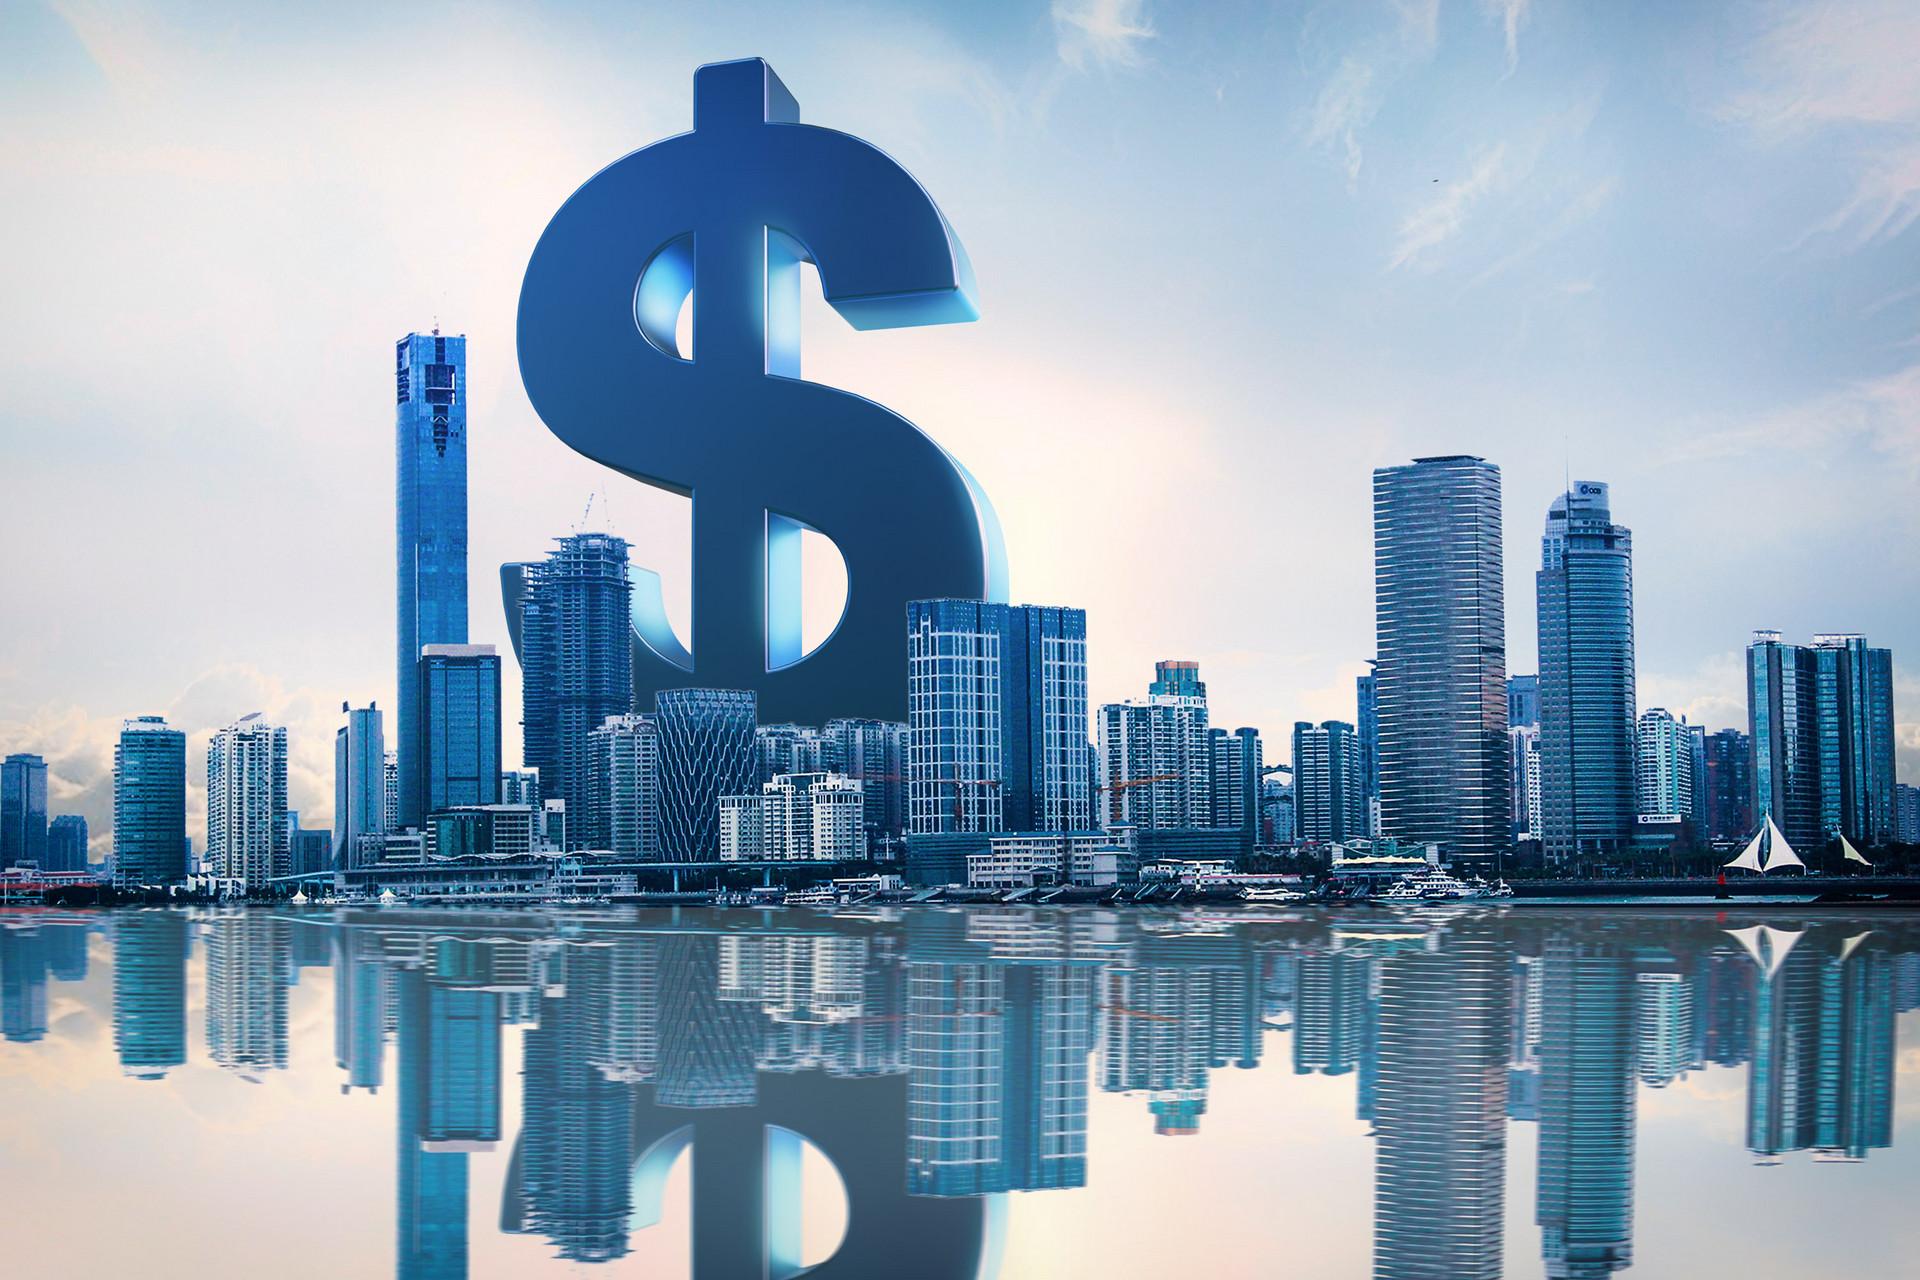 中国企业对东南亚投资出现扩大趋势